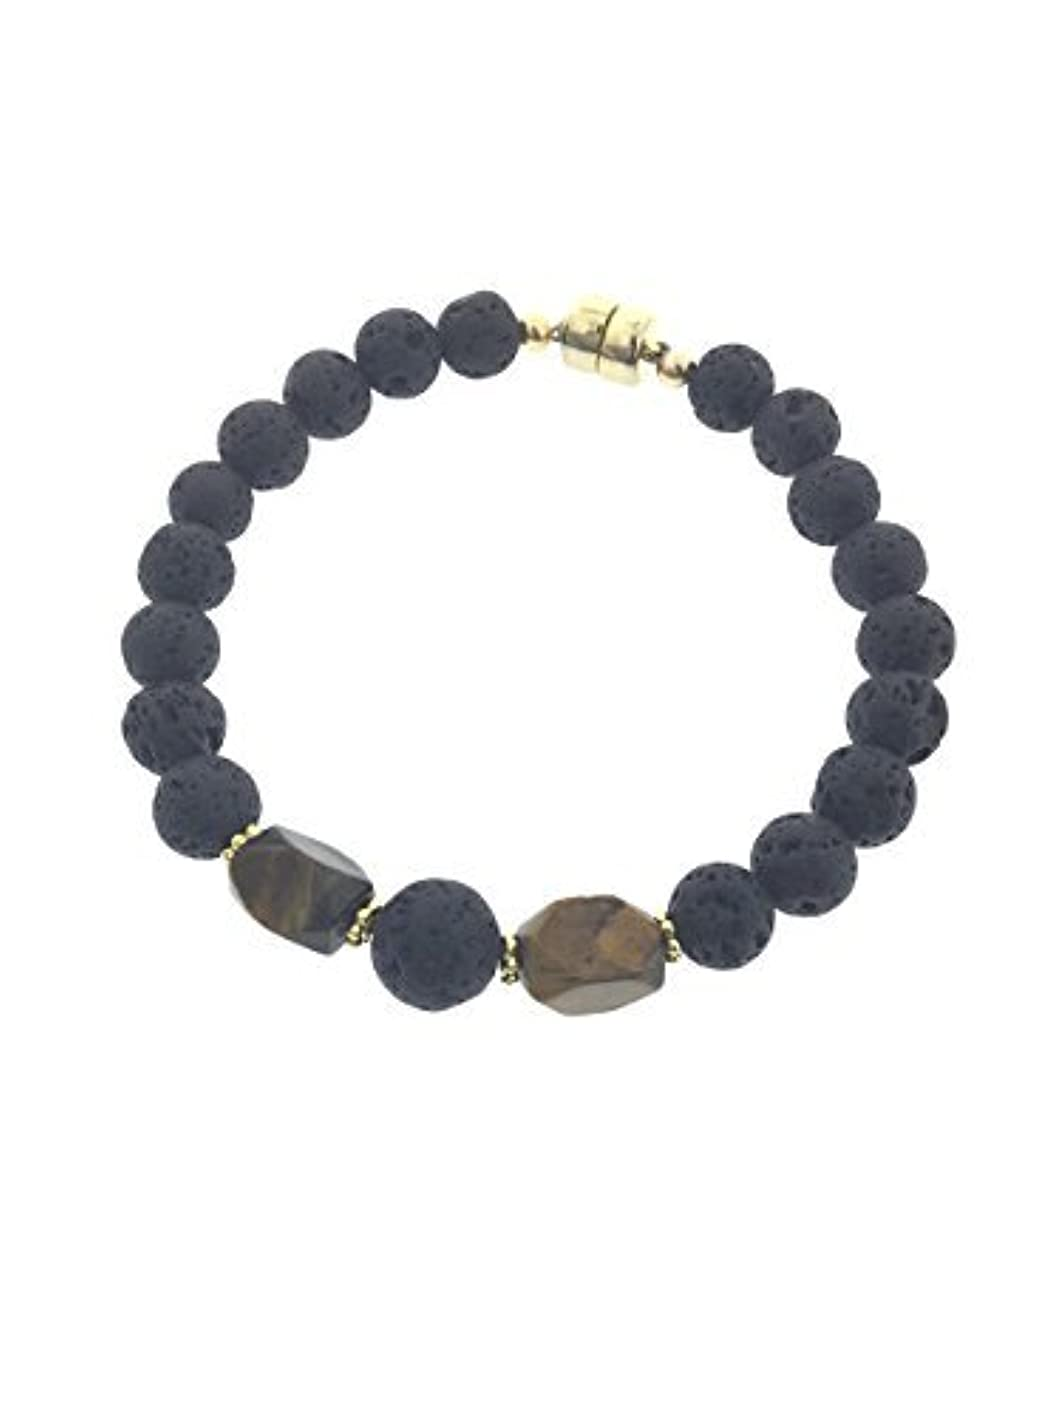 評議会センサーグレートバリアリーフTiger-eye and Lava Essential Oil Diffuser Bracelet with Gold-Filled Rare Earth Magnetic Clasp - XLarge [並行輸入品]